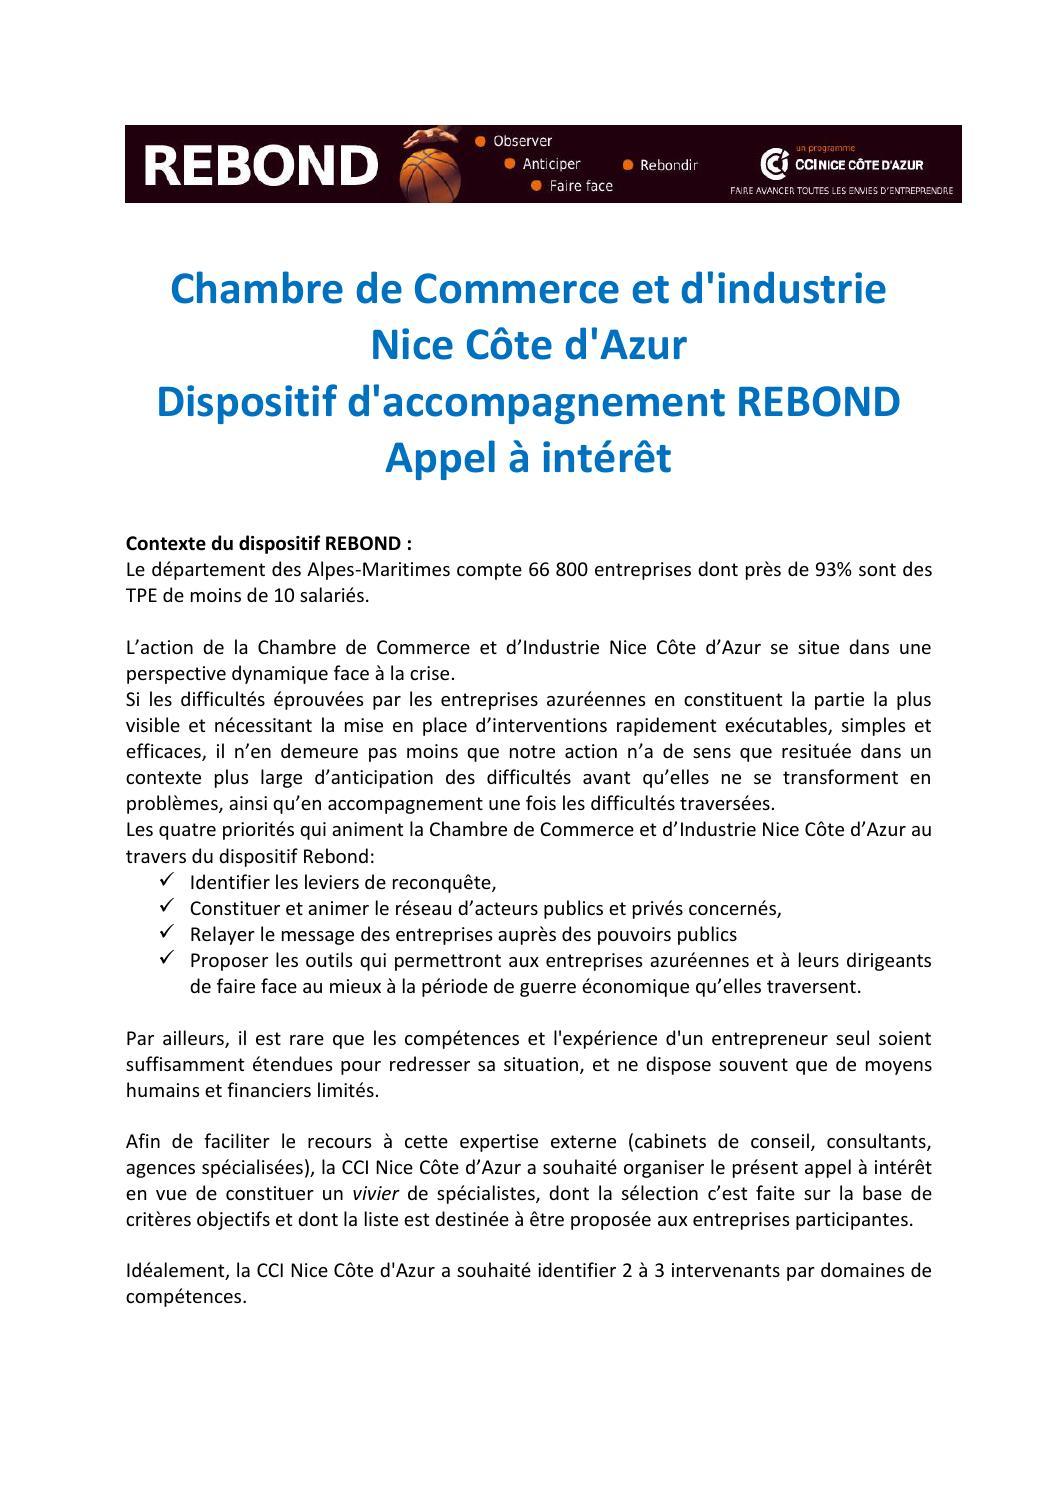 Appel interet rebond by cci nice c te d 39 azur issuu - Chambre de commerce et d industrie nice cote d azur ...